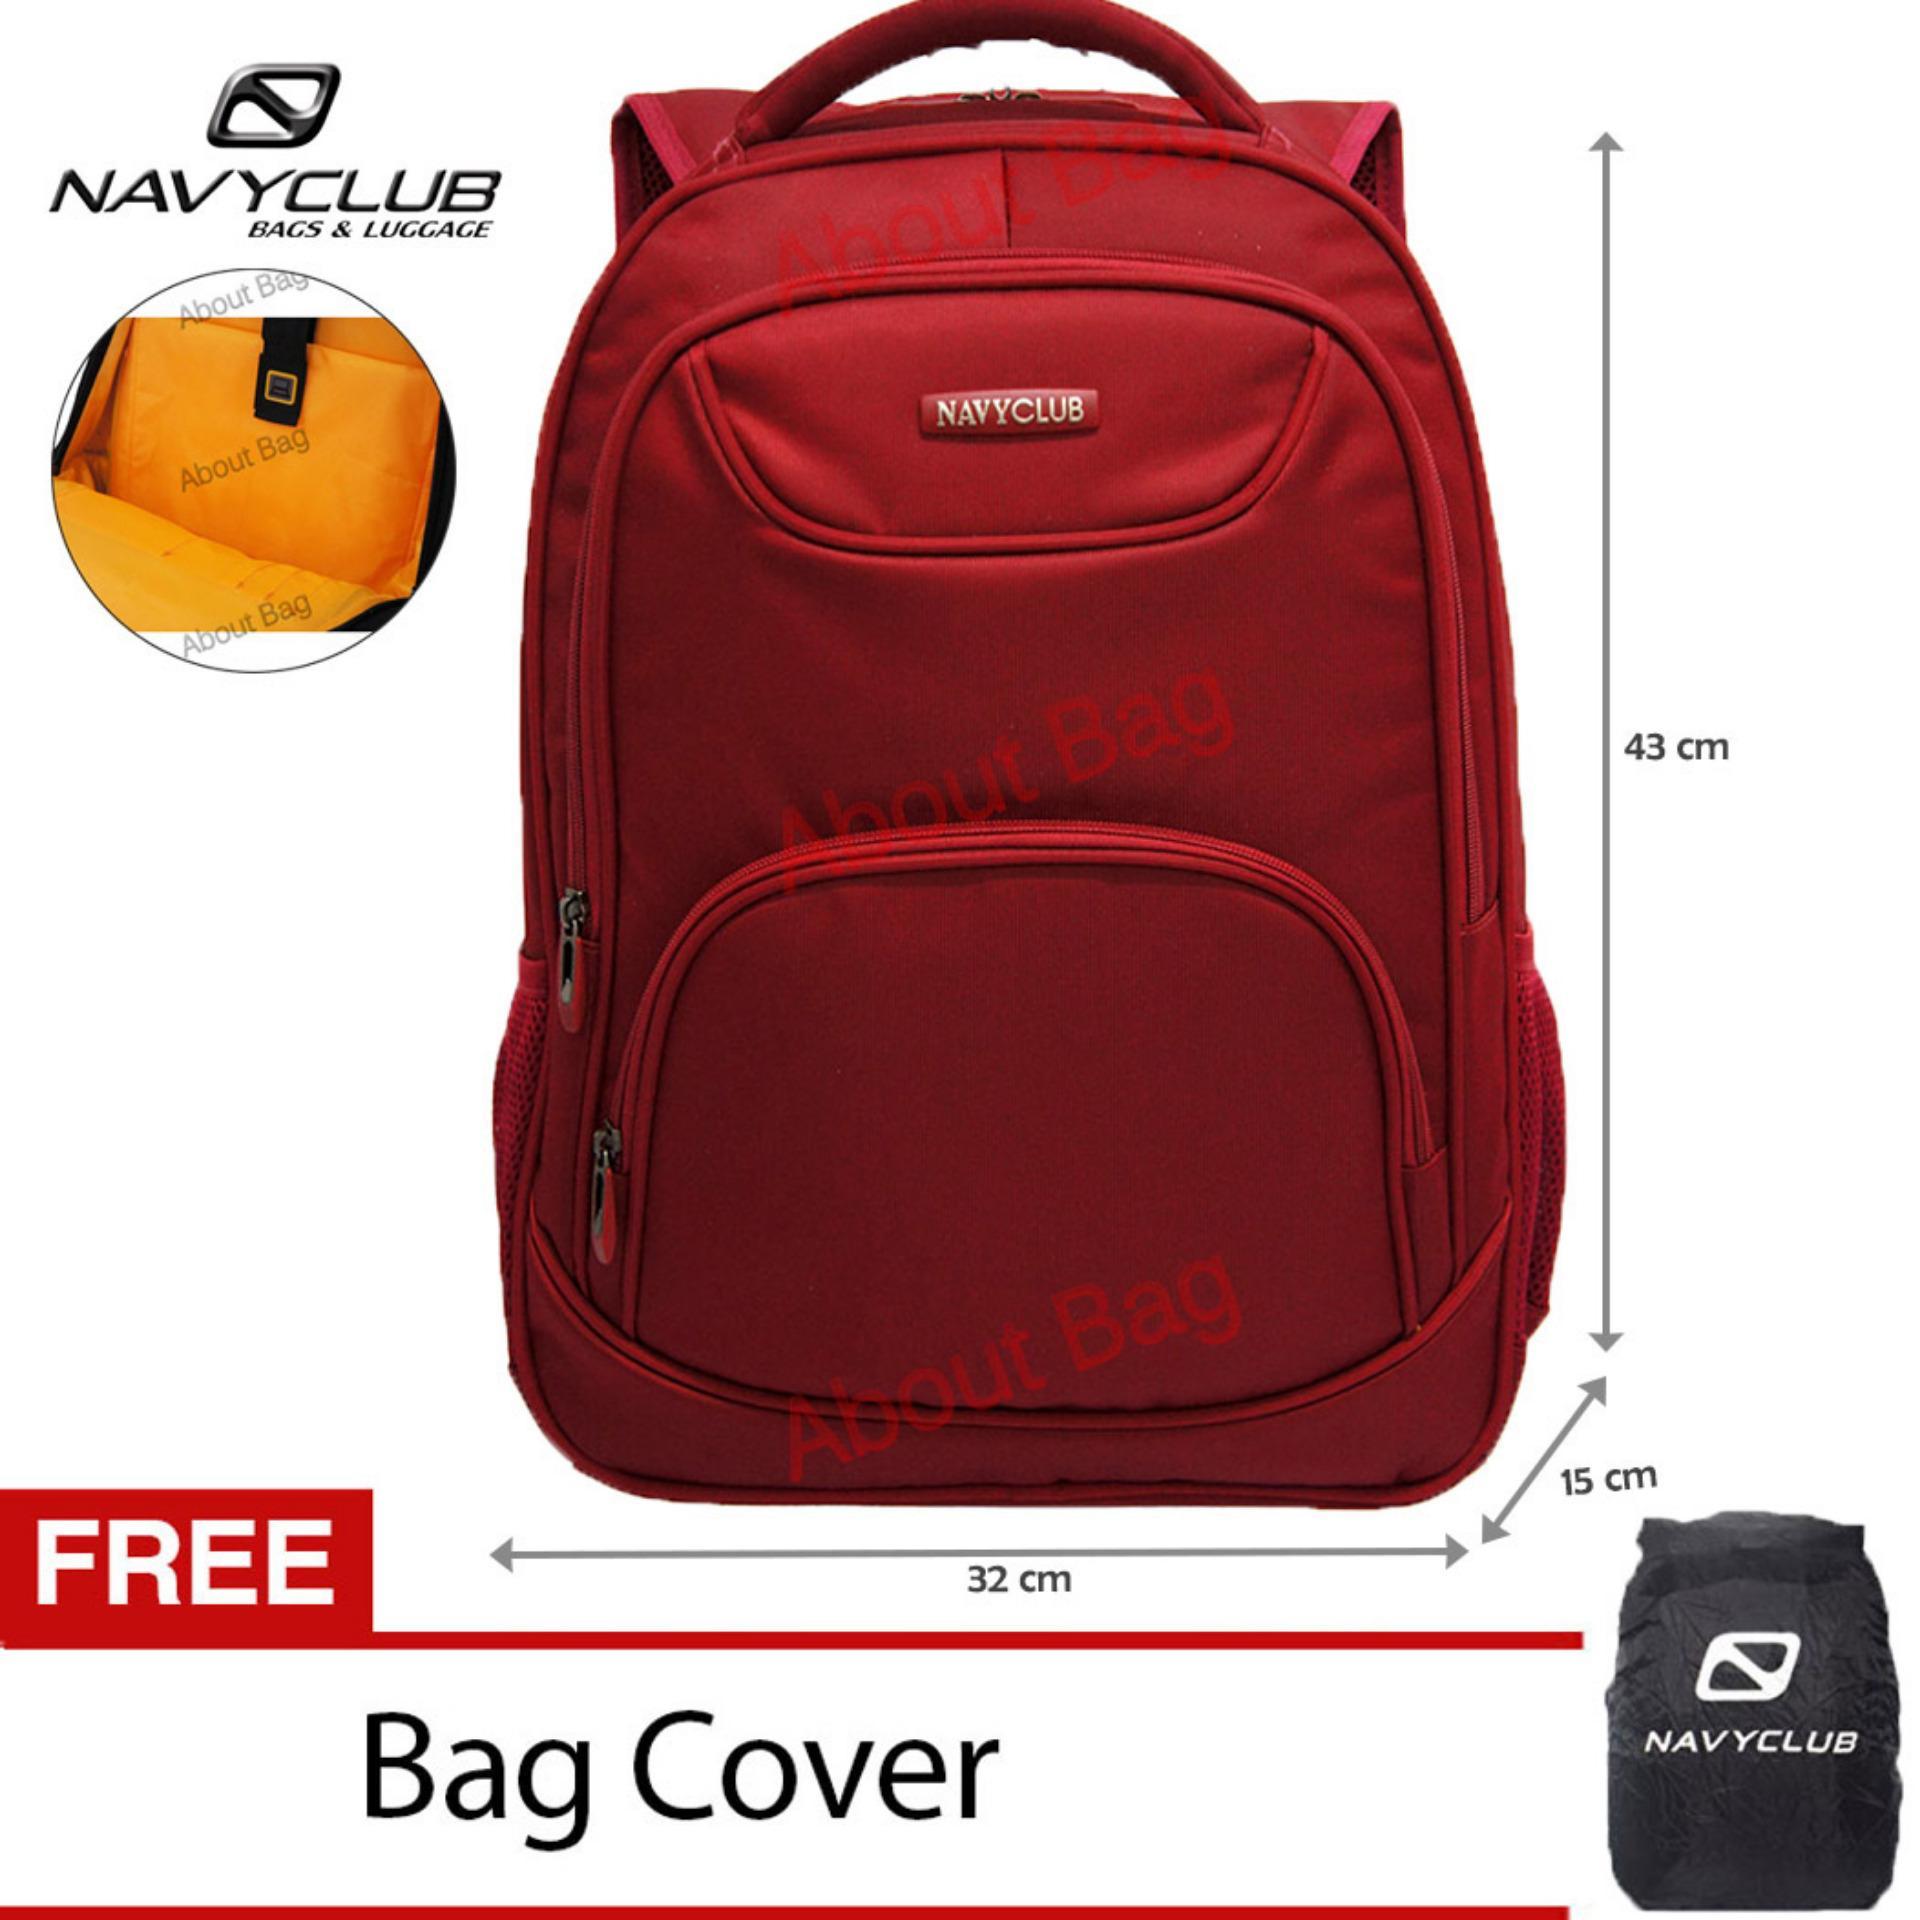 Harga Navy Club Tas Ransel Laptop Tahan Air 8297 Backpack Up To 15 Inch Bonus Bag Cover Merah Original